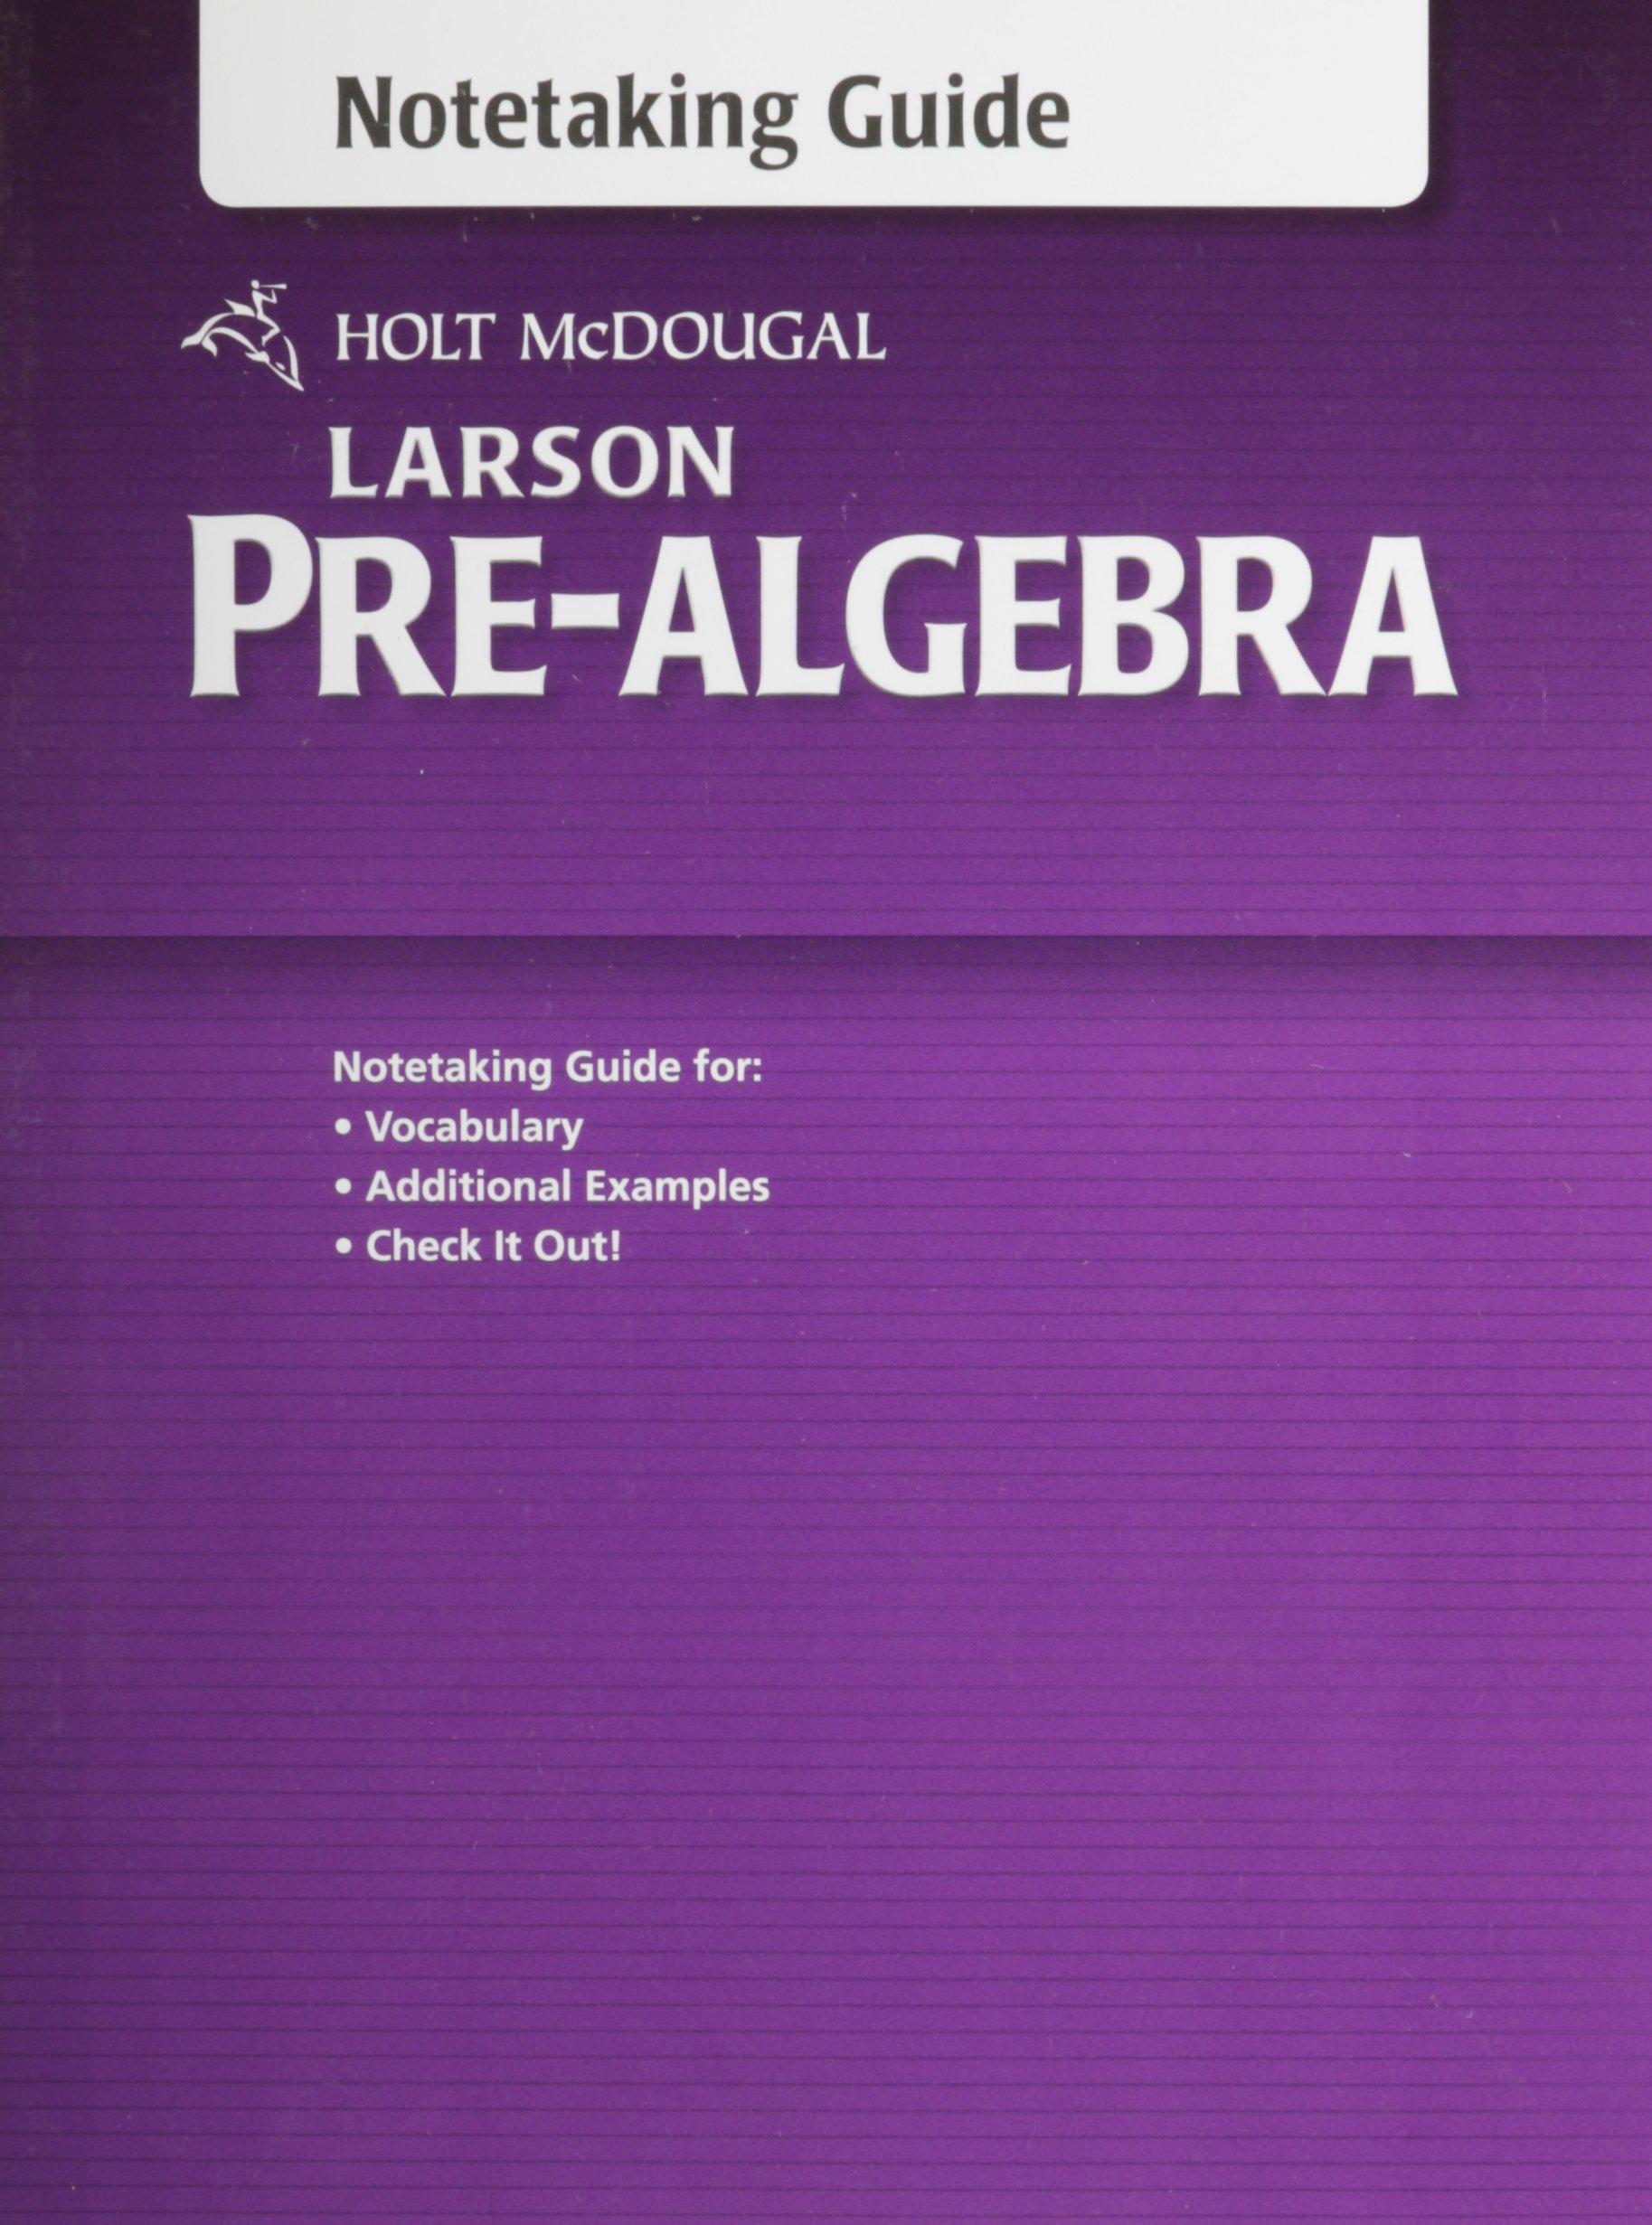 Holt McDougal Larson Pre-Algebra: Student's Notetaking Guide: Larson:  9780547614649: Amazon.com: Books